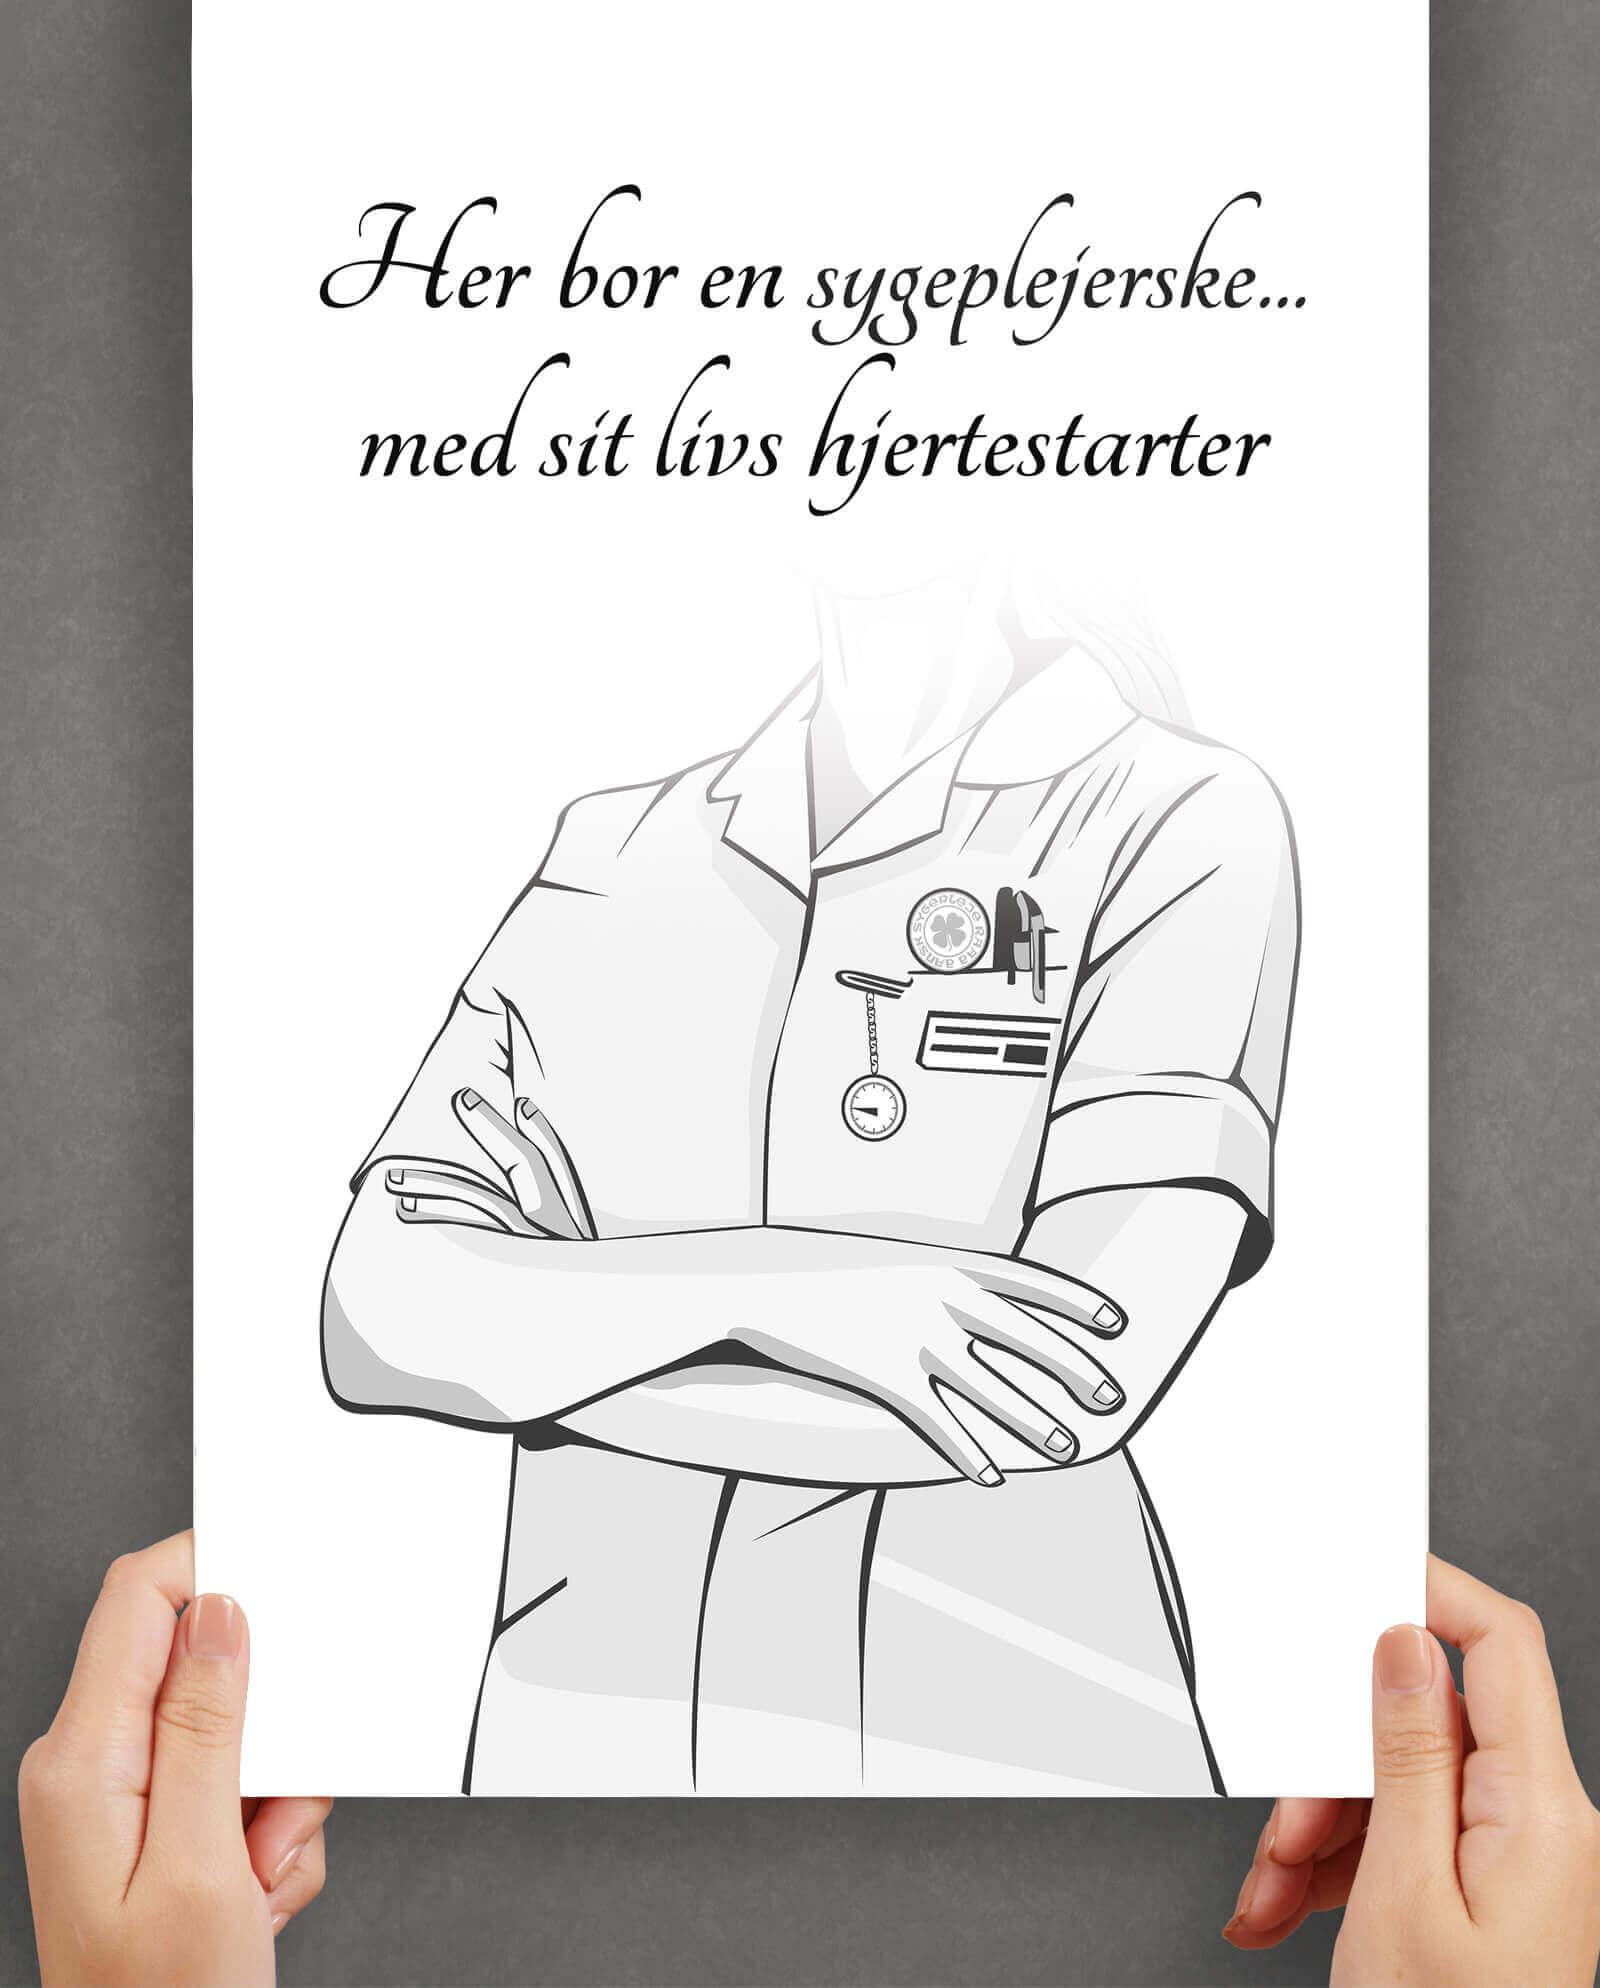 sygeplejerske-job-plakat-1